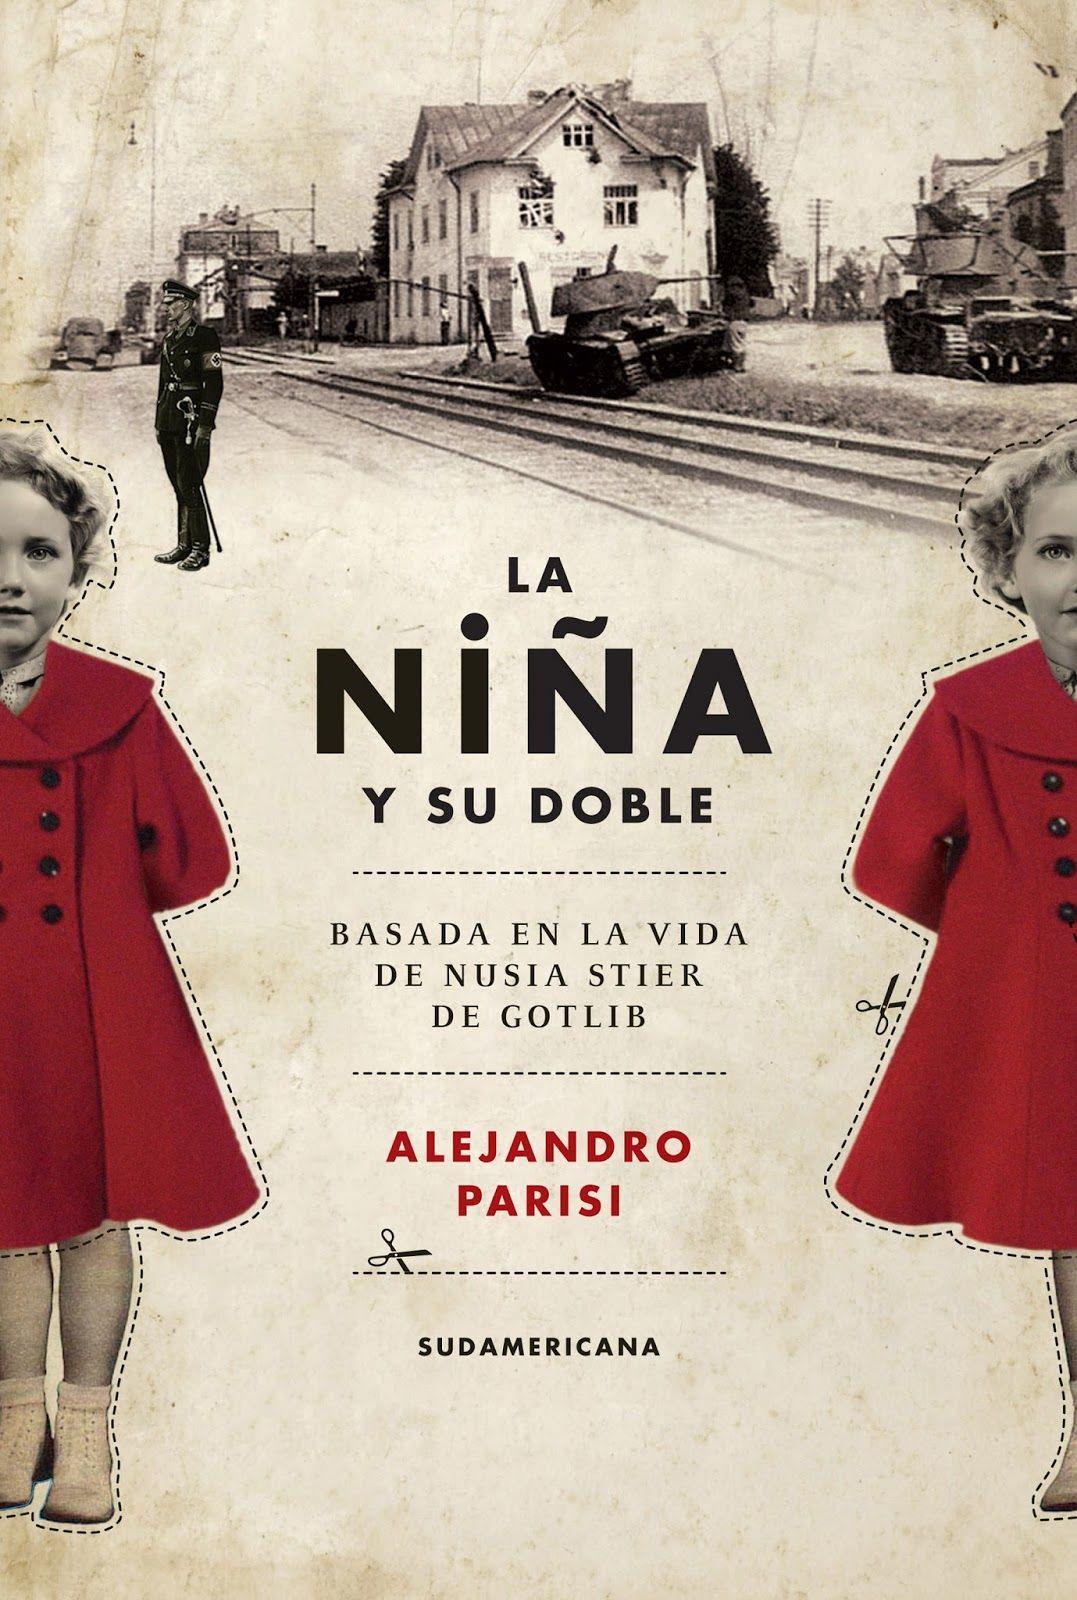 Nusia la hero na de sta novela es tan solo una ni a que intentar resistir junto a su familia las embestidas nazis crecer entre el ruido de las bomb